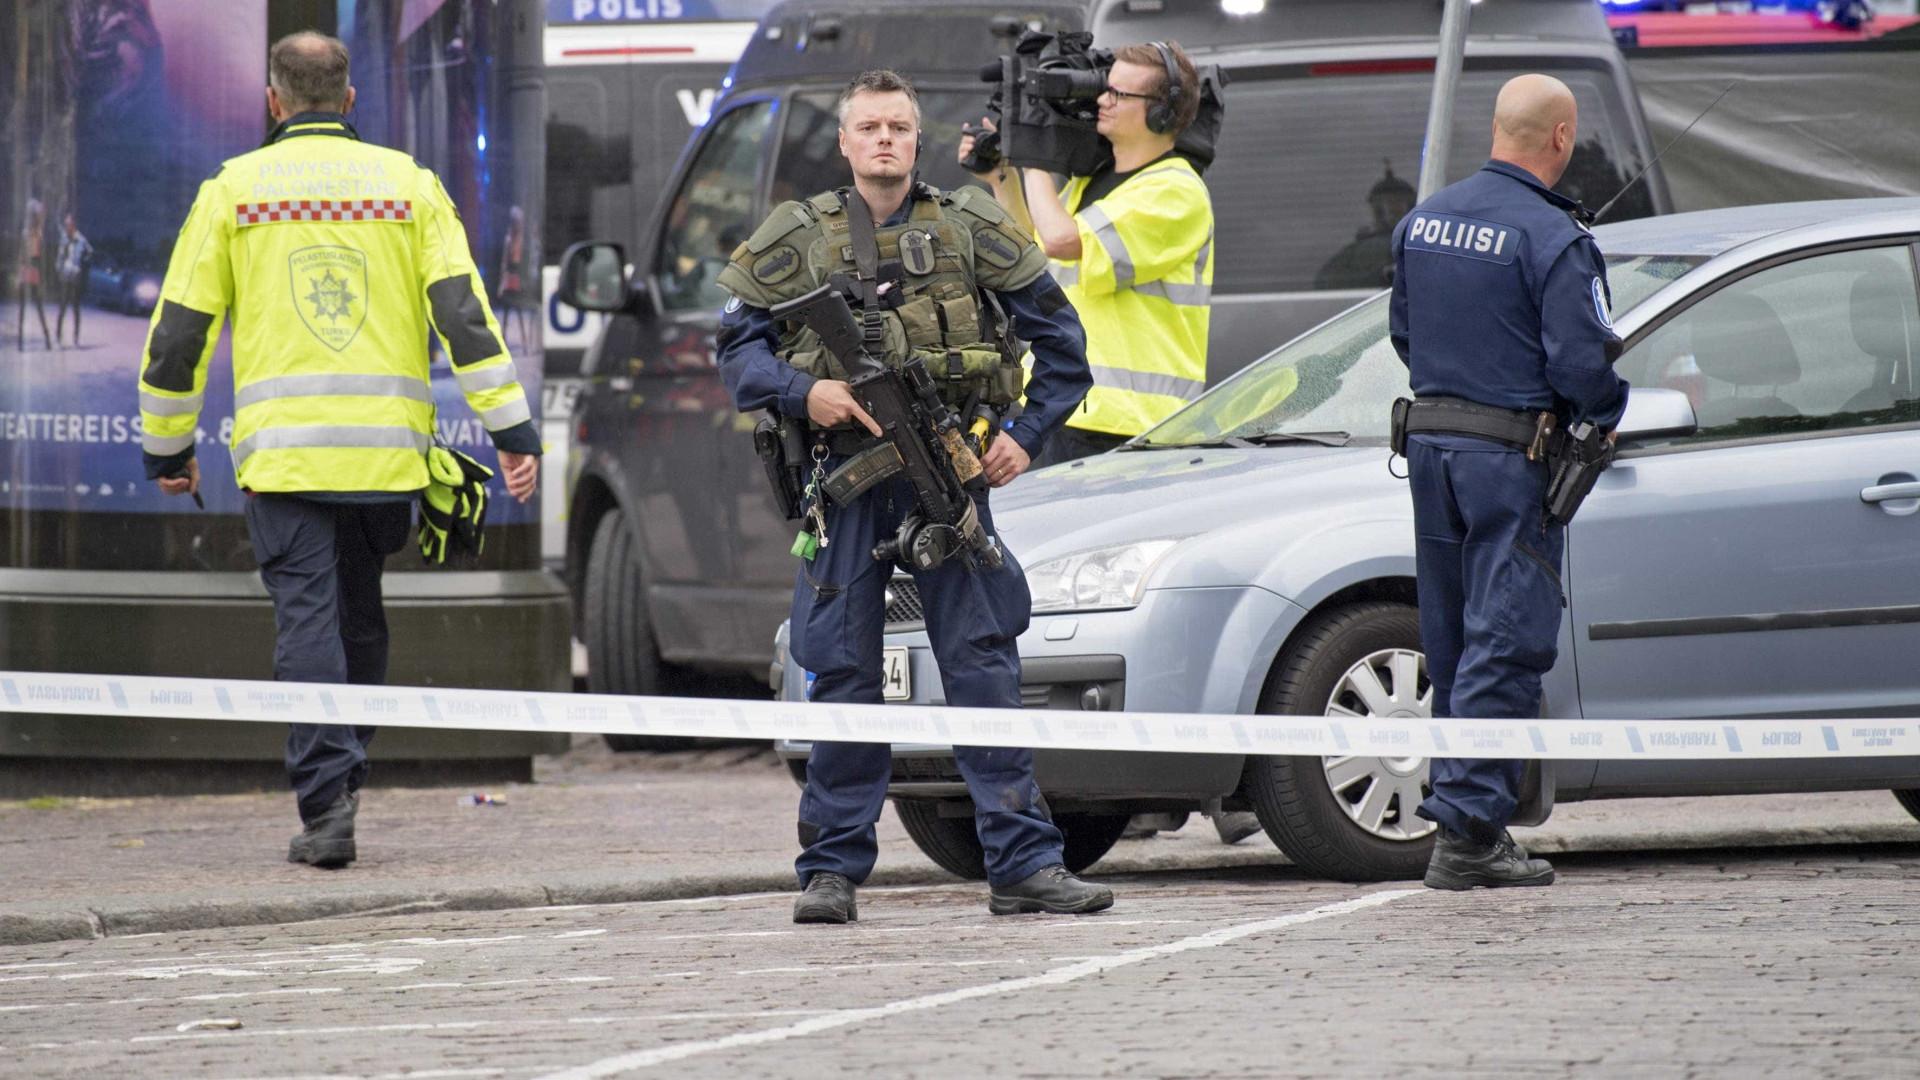 Cinco pessoas detidas após esfaqueamentos na Finlândia